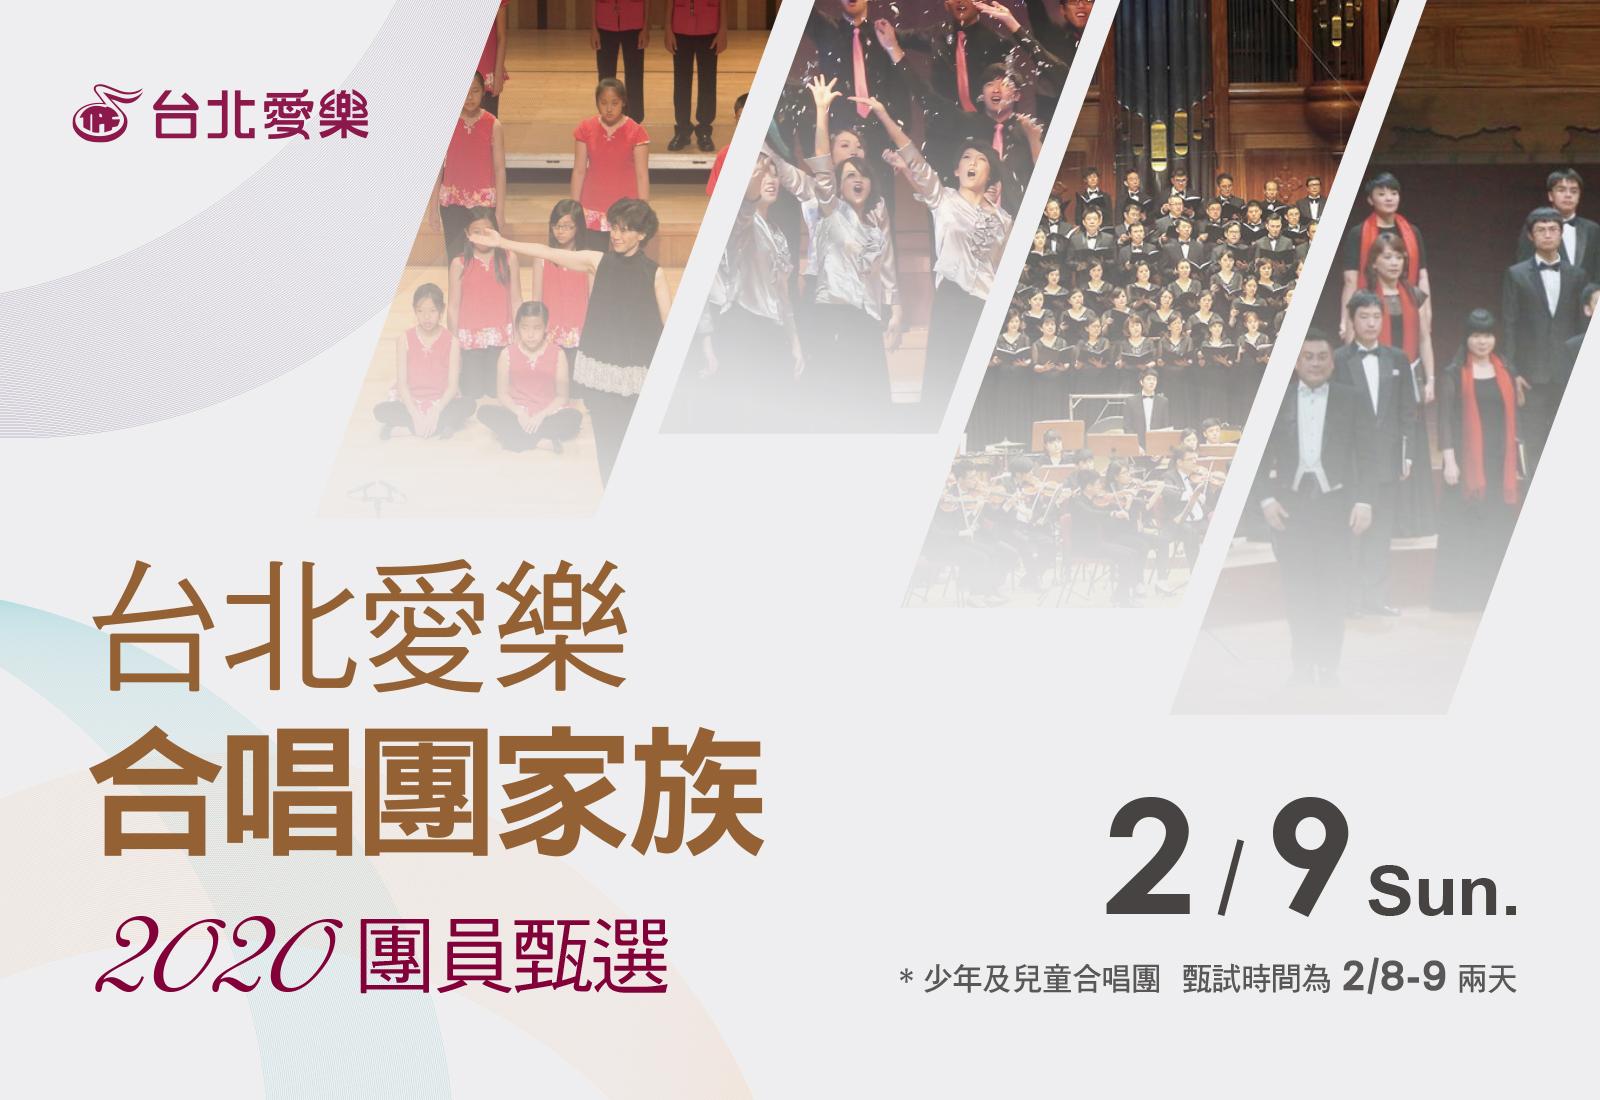 2020 台北愛樂合唱團家族-團員甄選